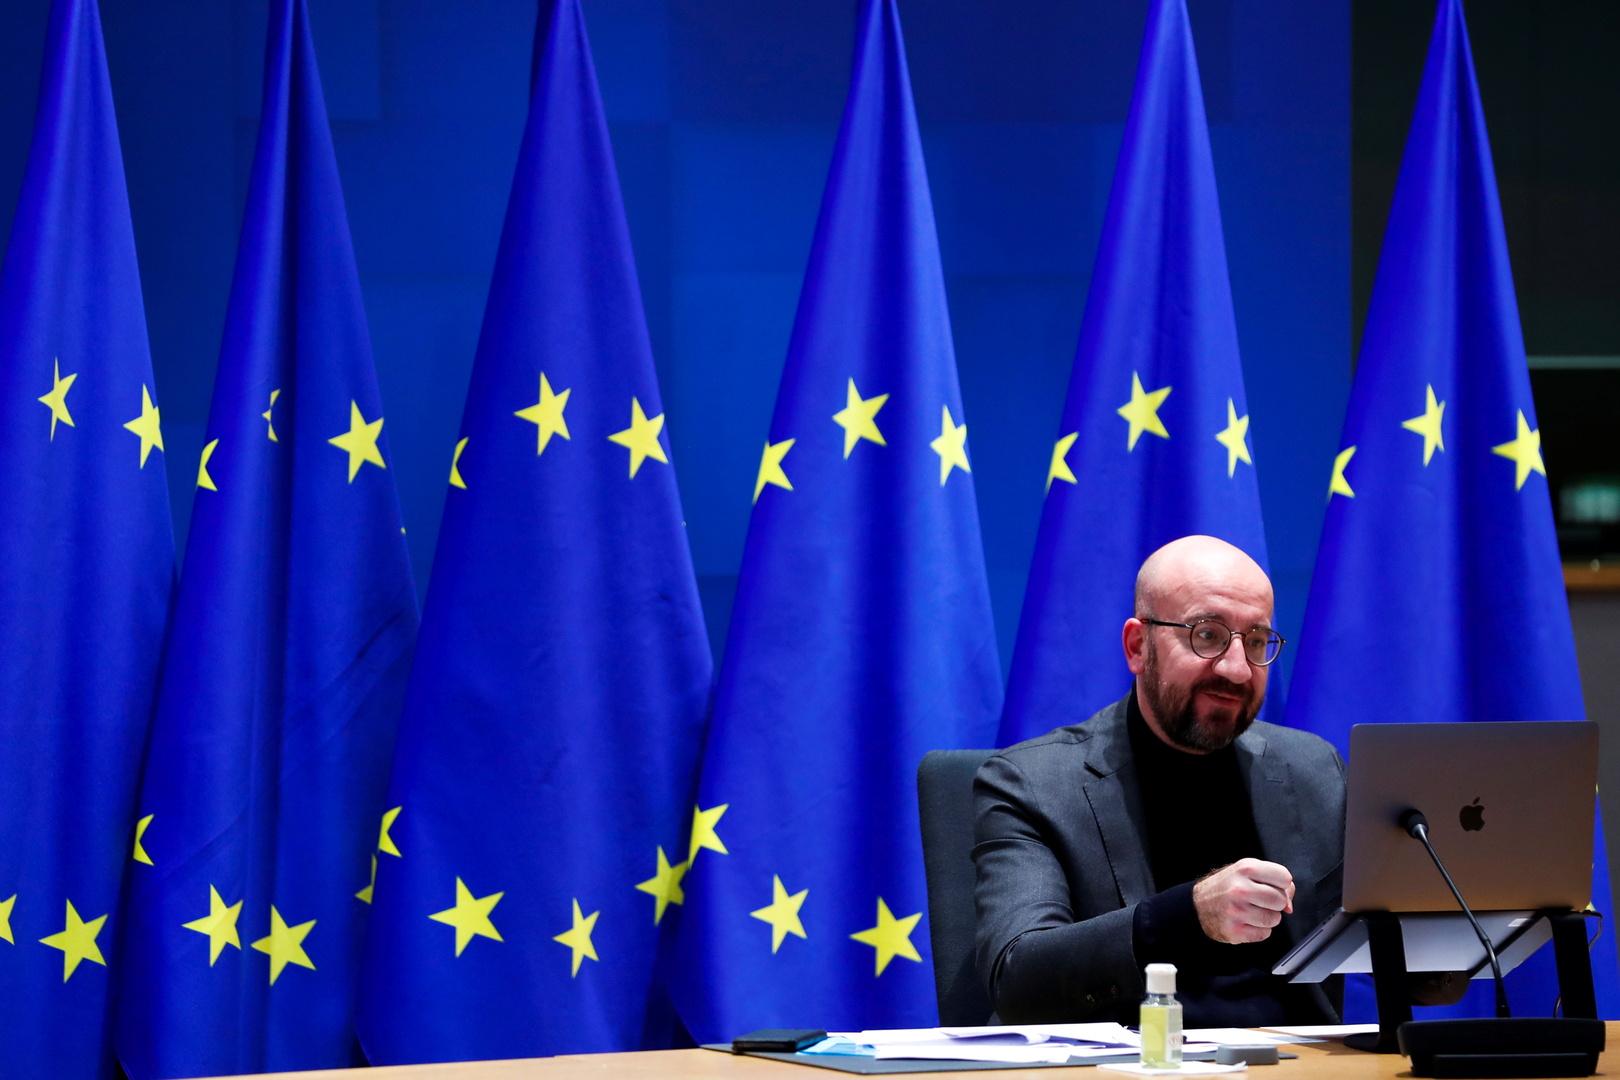 رئيس المجلس الأوروبي لا يستبعد اعتماد شهادات الخلو من كورونا شرطا للسفر